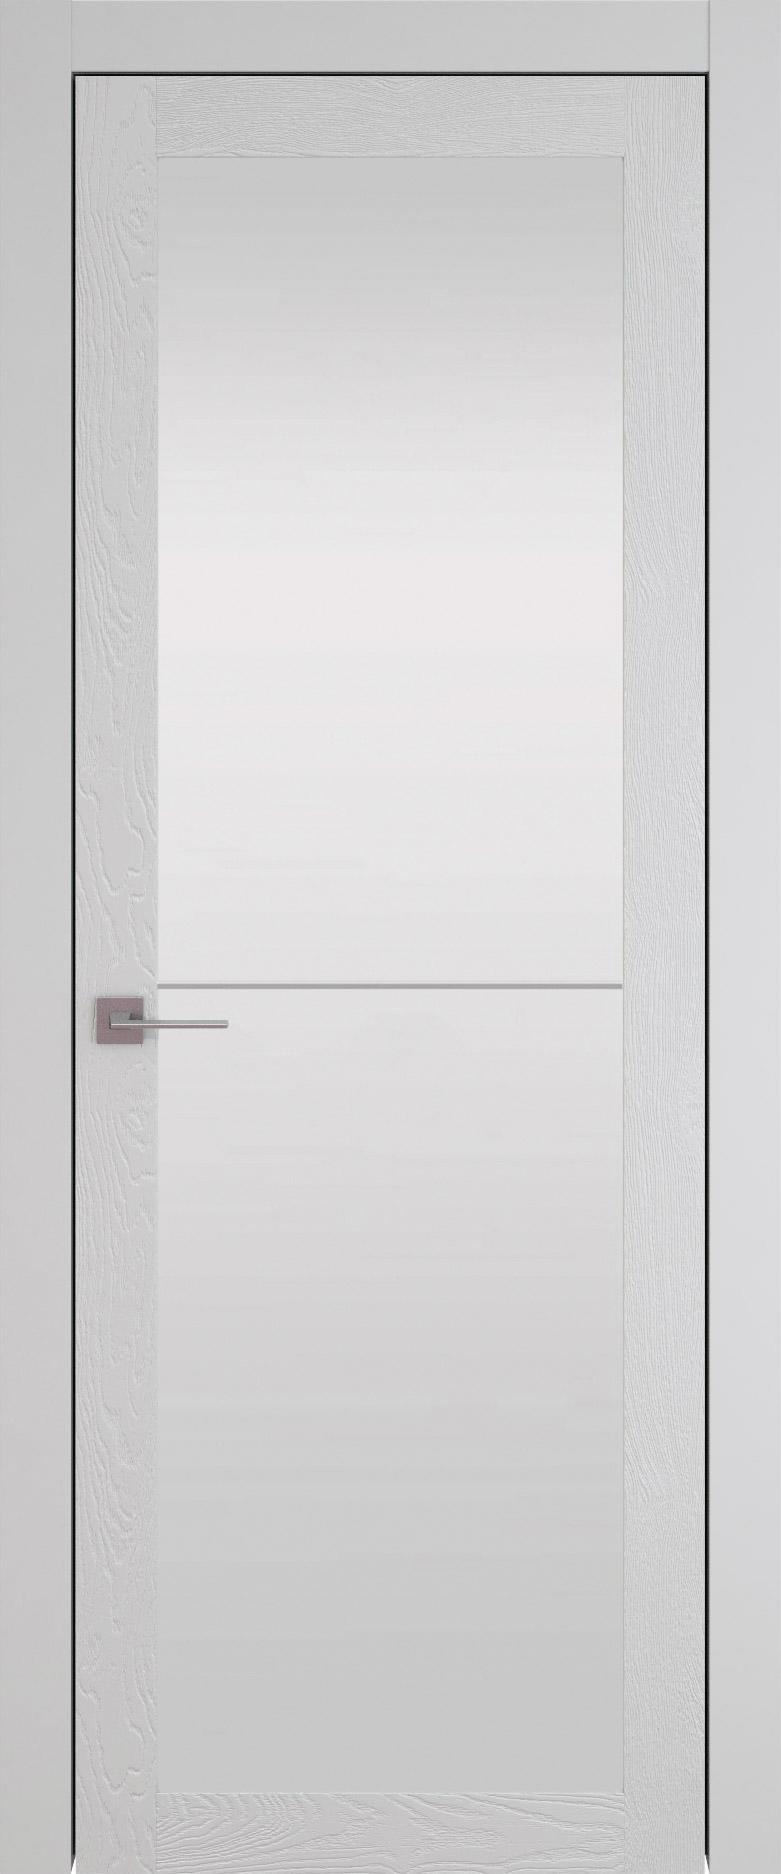 Tivoli З-2 цвет - Серая эмаль по шпону (RAL 7047) Со стеклом (ДО)